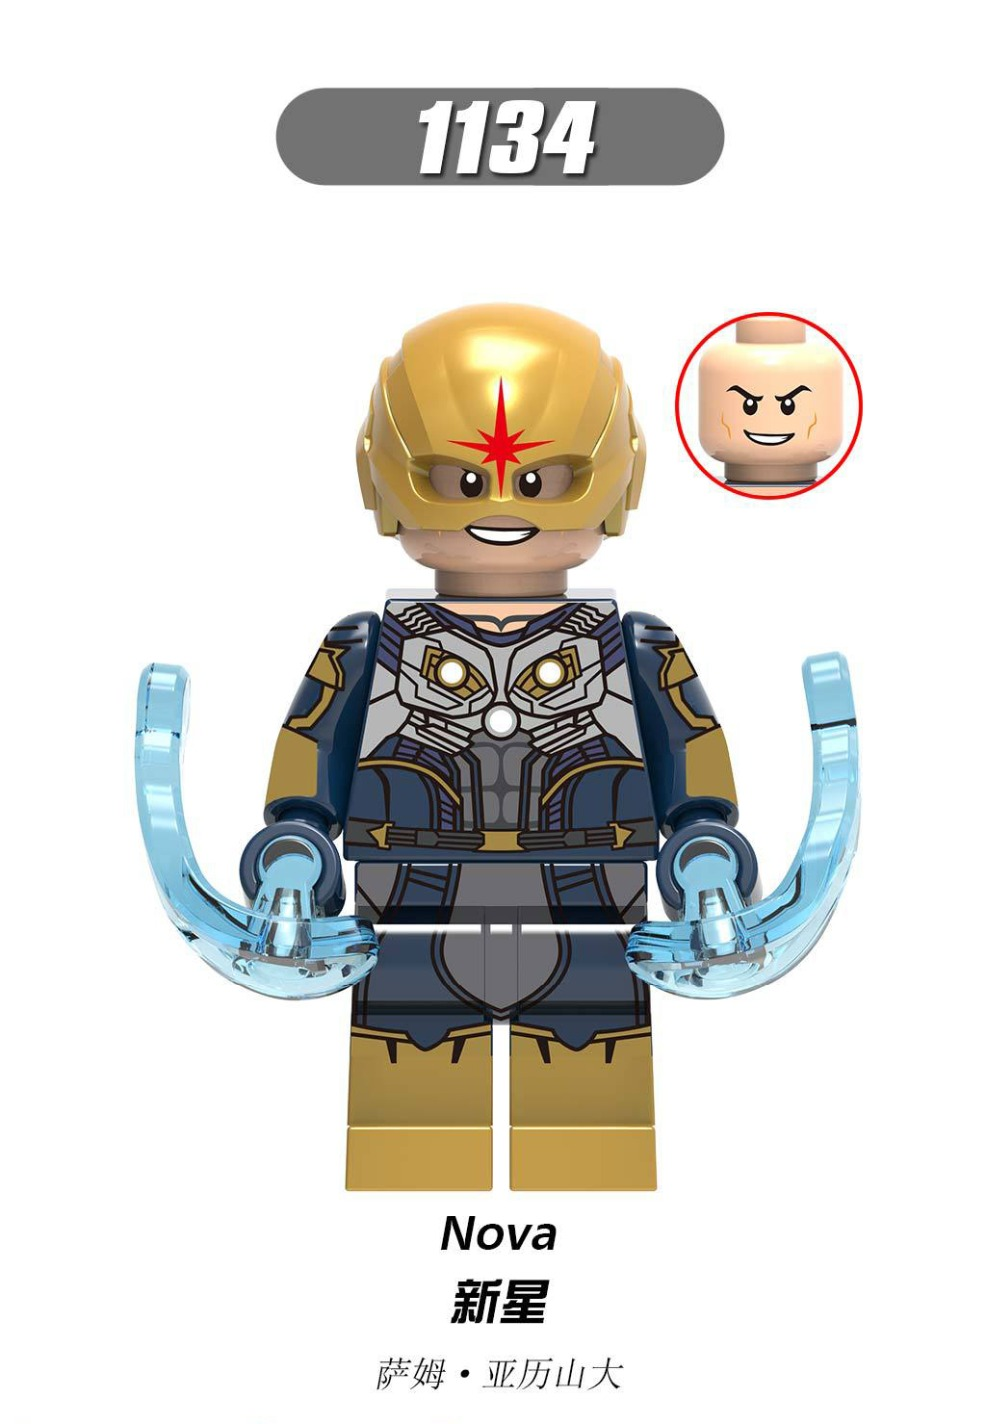 Avengers, Iron Man, Raytheon_9